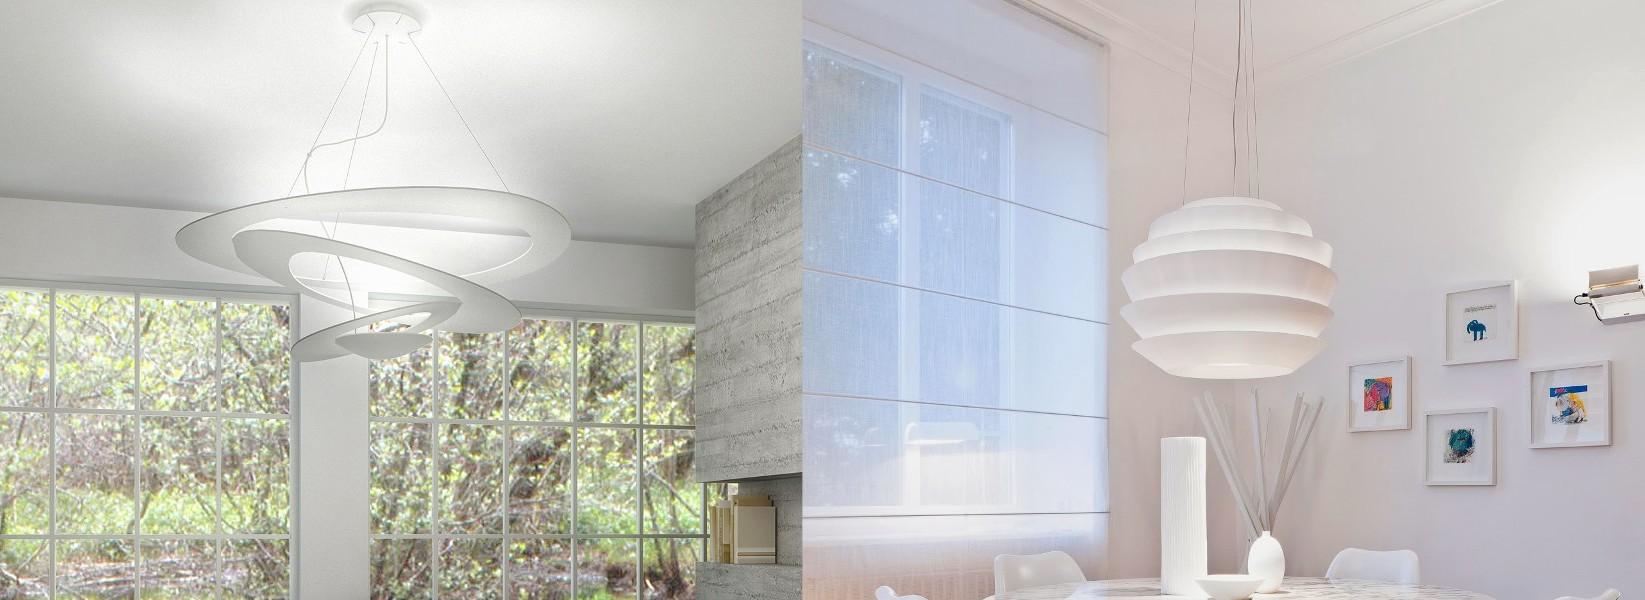 Rocco illuminazione brescia illuminazione per interni ed for Arredatori di giardini